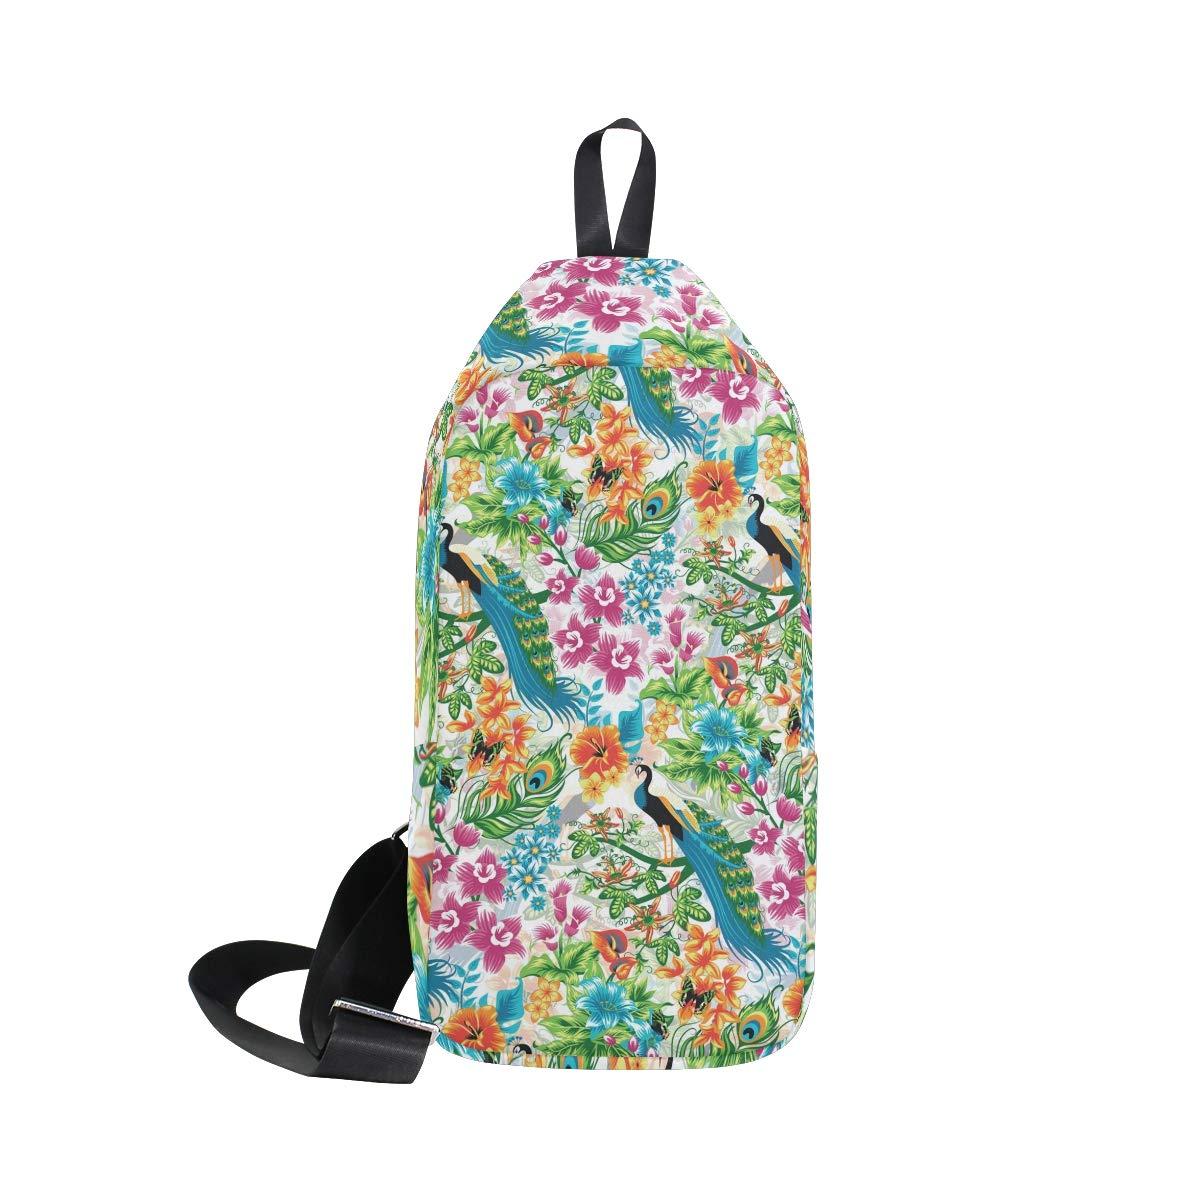 Unisex Messenger Bag Peacocks Flower Shoulder Chest Cross Body Backpack Bag